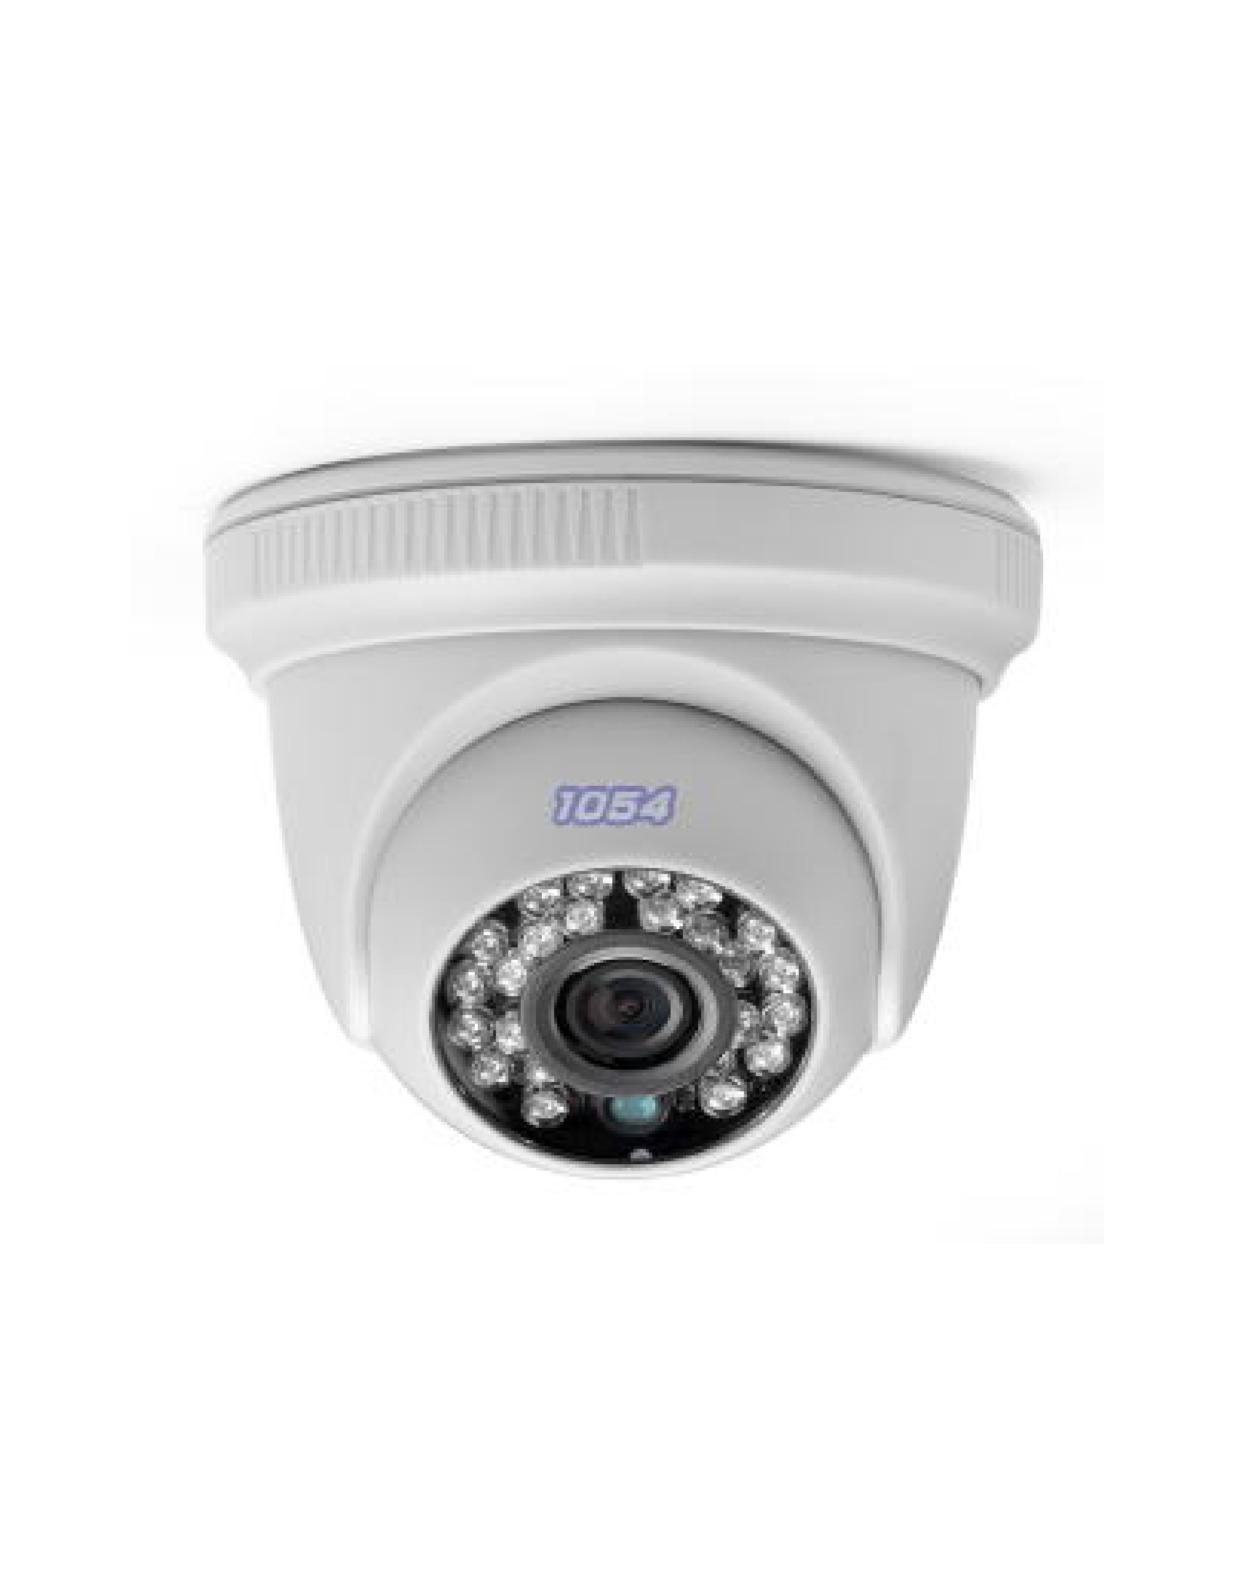 130万画素4in1HD赤外線ドームカメラ3.6mm